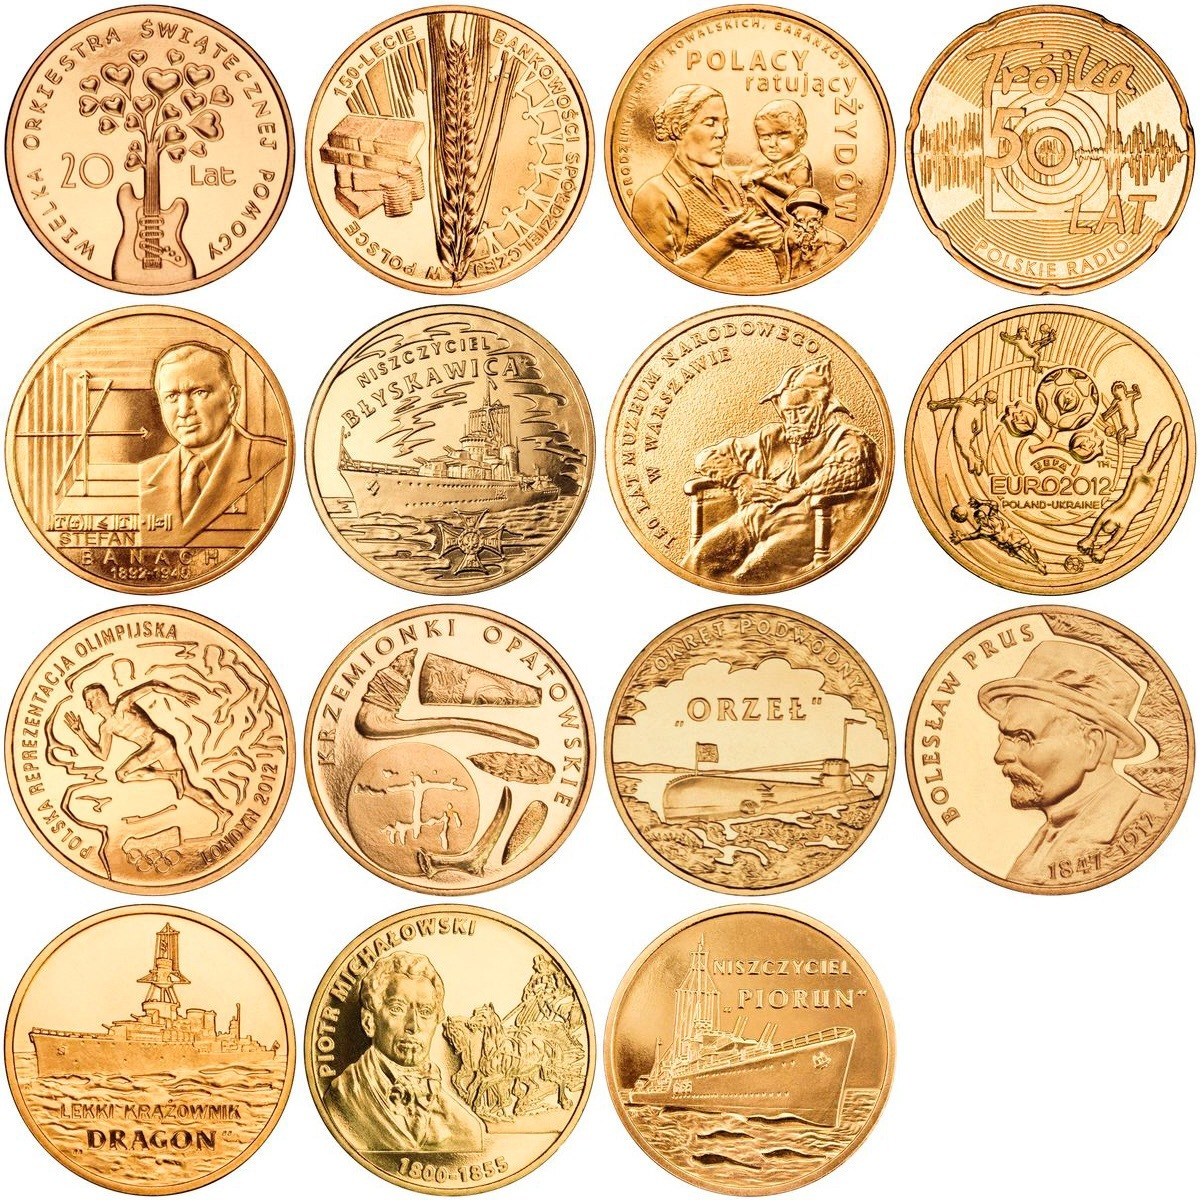 Набор из 15 монет номиналом 2 злотых. Годовой набор. 2012 год, Польша. UNC